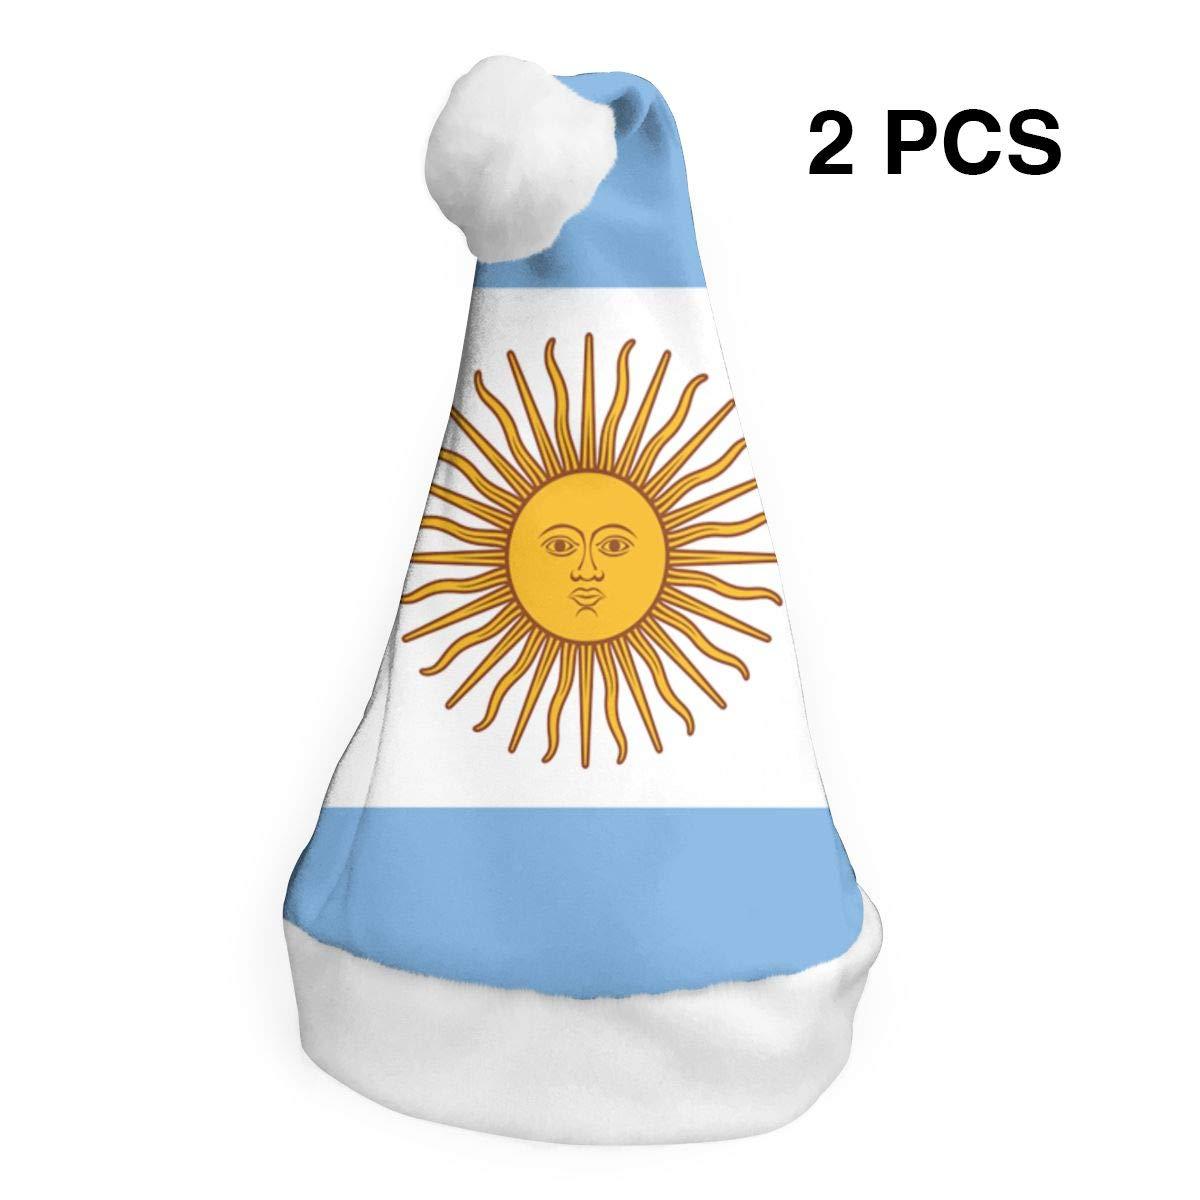 rouxf Gorras de Navidad Bandera Argentina 2 Piezas Novedad Navidad ...